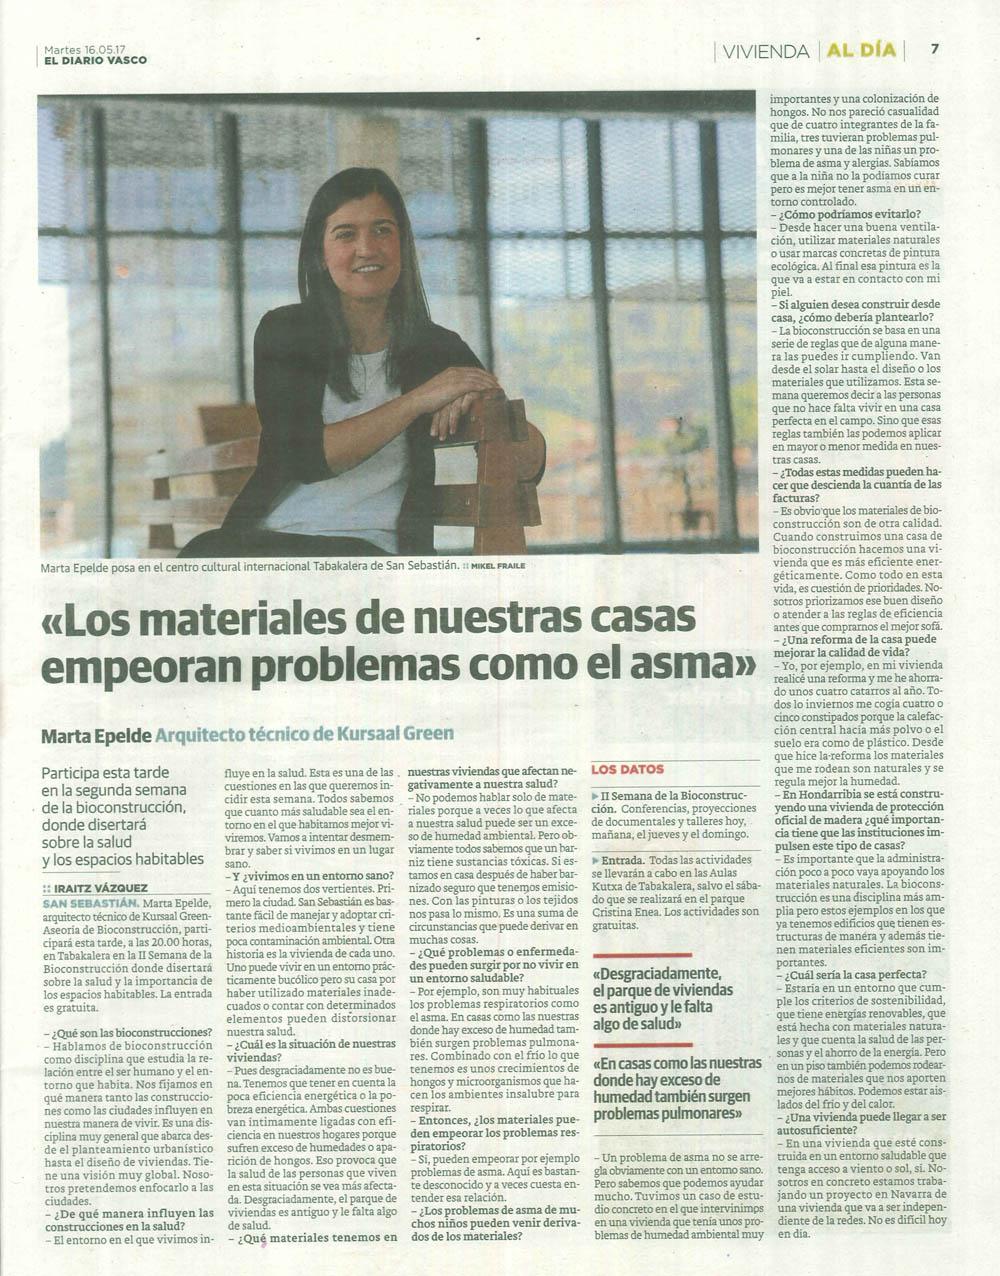 imagen 2 de noticia: entrevista-a-marta-epelde-responsable-del-departamento-de-eficiencia-y-sostenibilidad-kursaal-green-en-diario-vasco